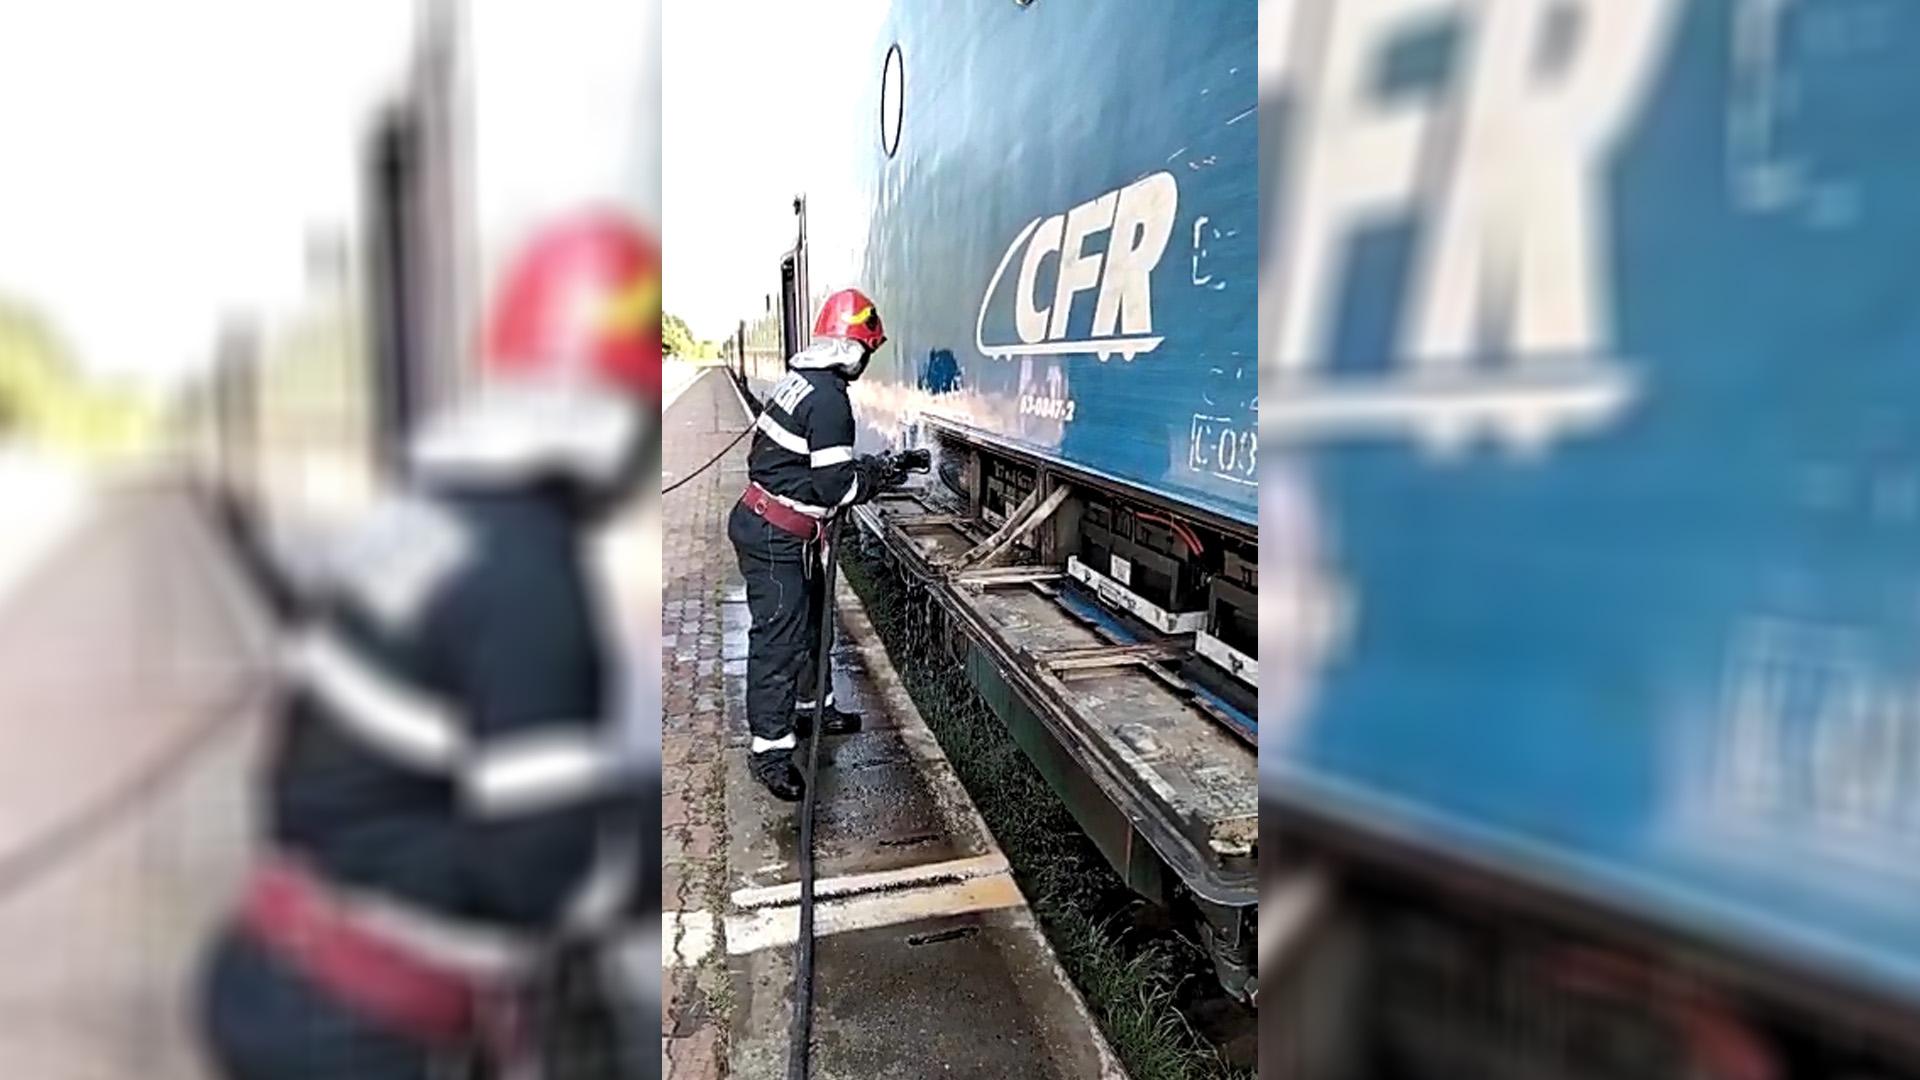 Panică în Gara Târgoviște Sud, o locomotivă a luat foc